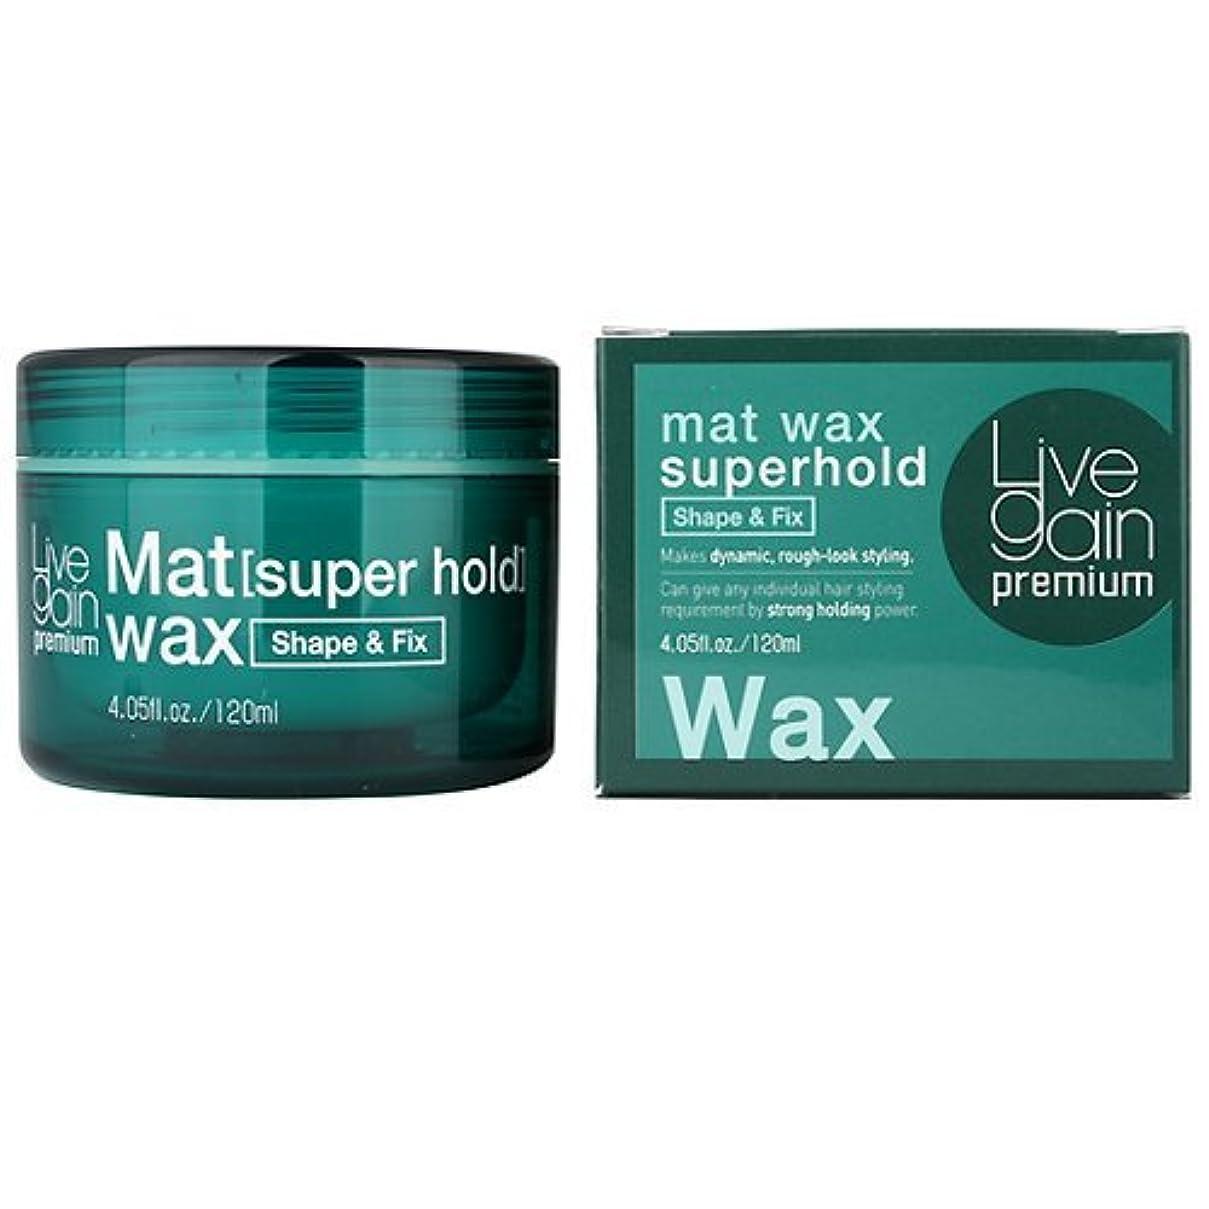 消毒剤巻き取りシエスタLivegain プレミアム マット ワックス スーパーホールド 120ml マット ヘア ワックス ストロング ホールド (Premium Mat Wax Superhold 120ml Matte Hair wax...